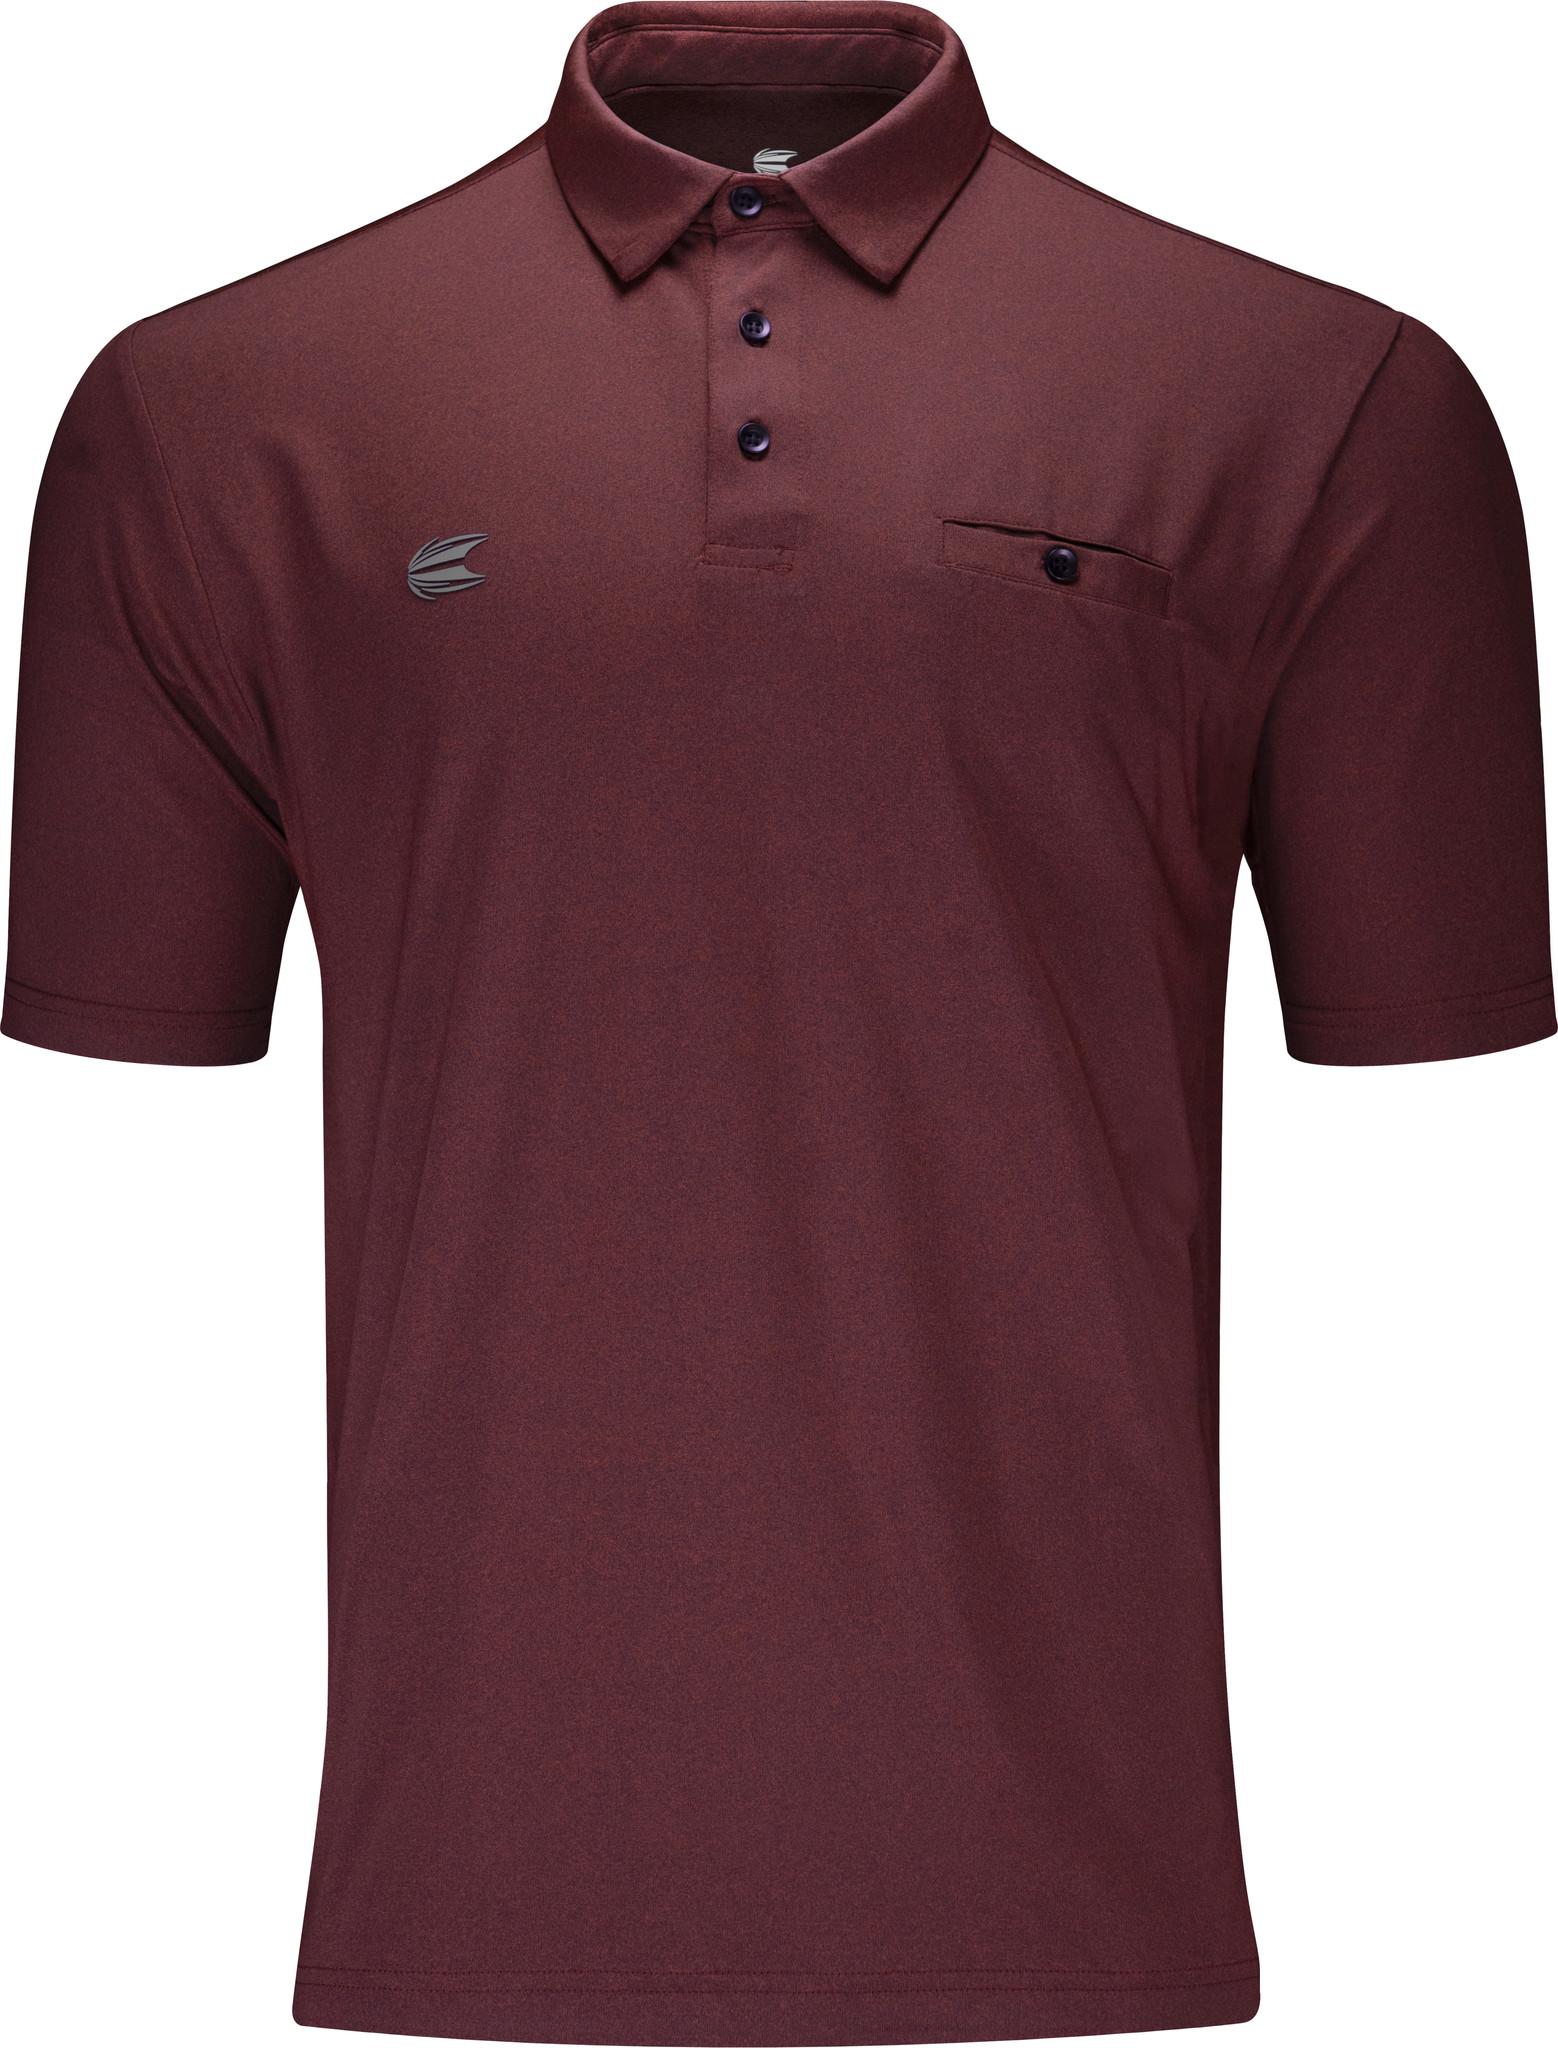 SALE: 30% - Target Flexline Shirt Ruby